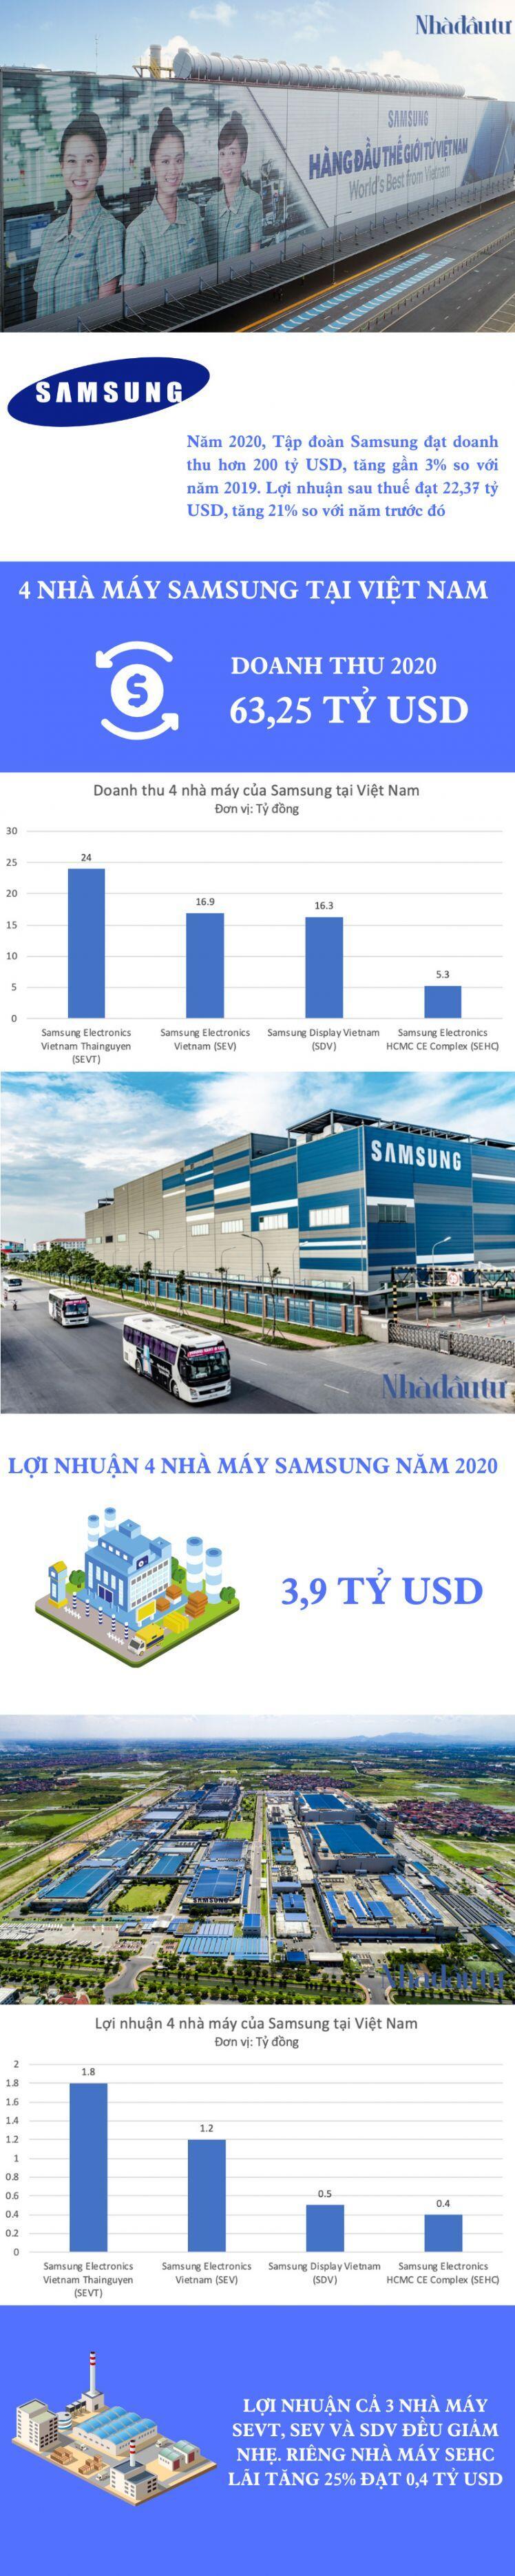 4 nhà máy Samsung Việt Nam kinh doanh ra sao trong năm 2020?